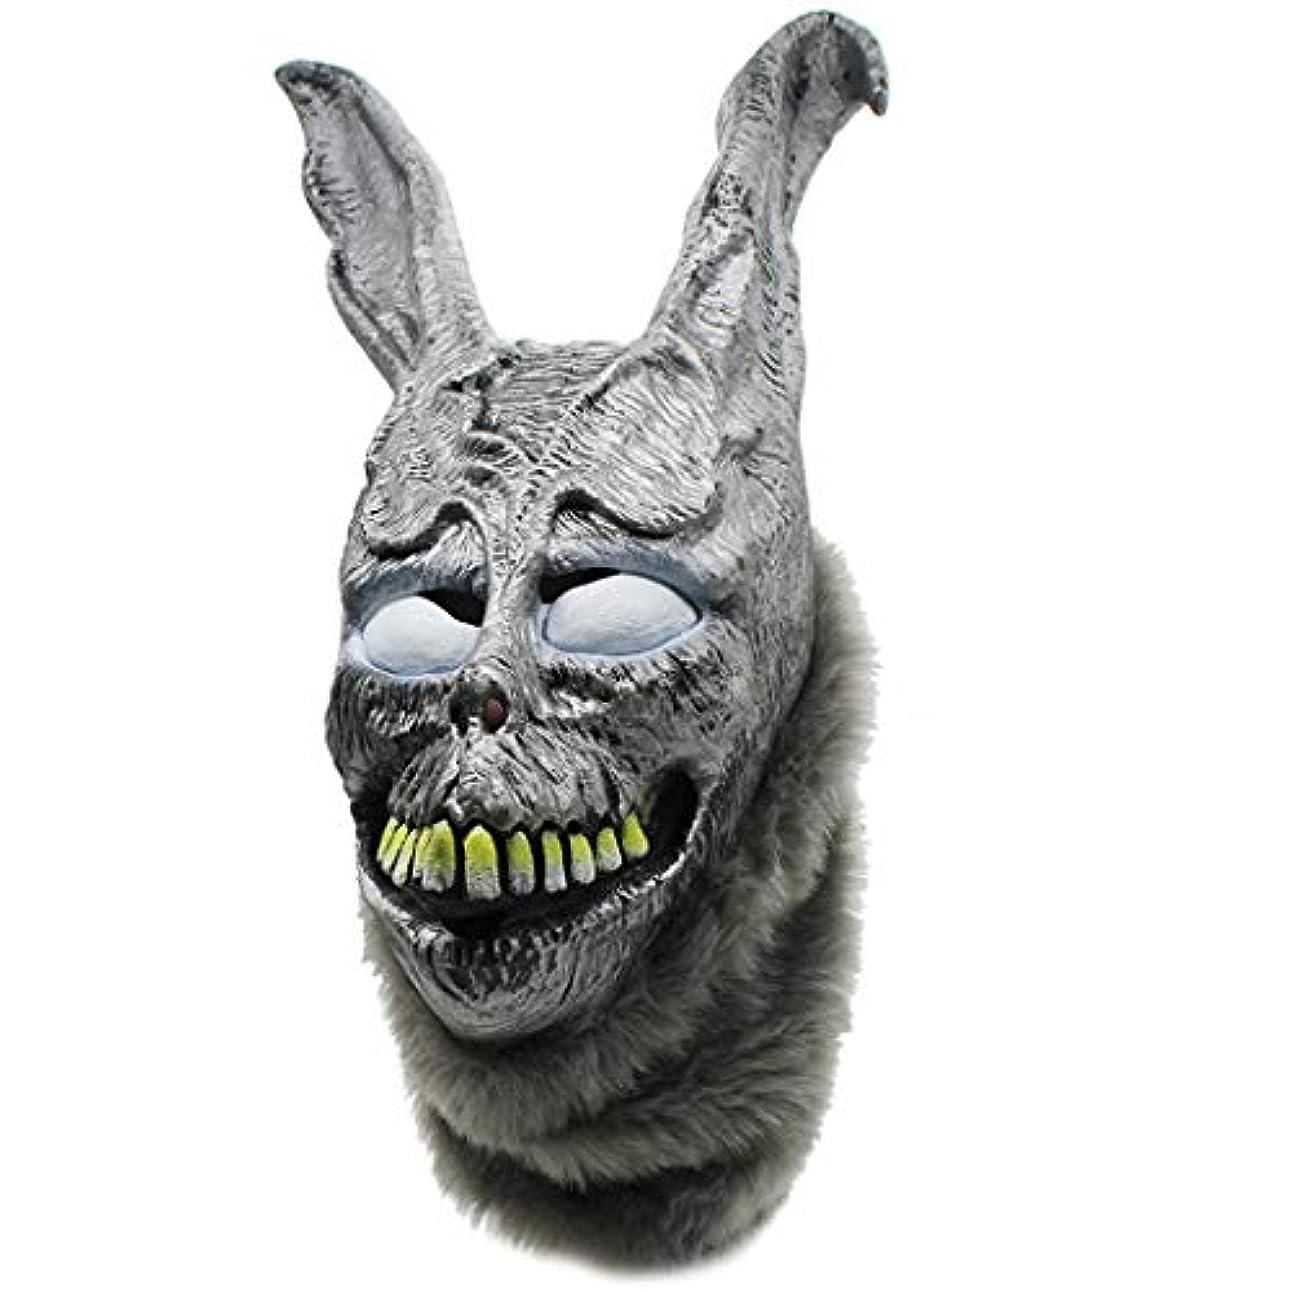 パッチマナー広がり怒っているウサギのマスクフランク悪シルバーラビットアニマルヘッドギアパーティーアニマルマスク